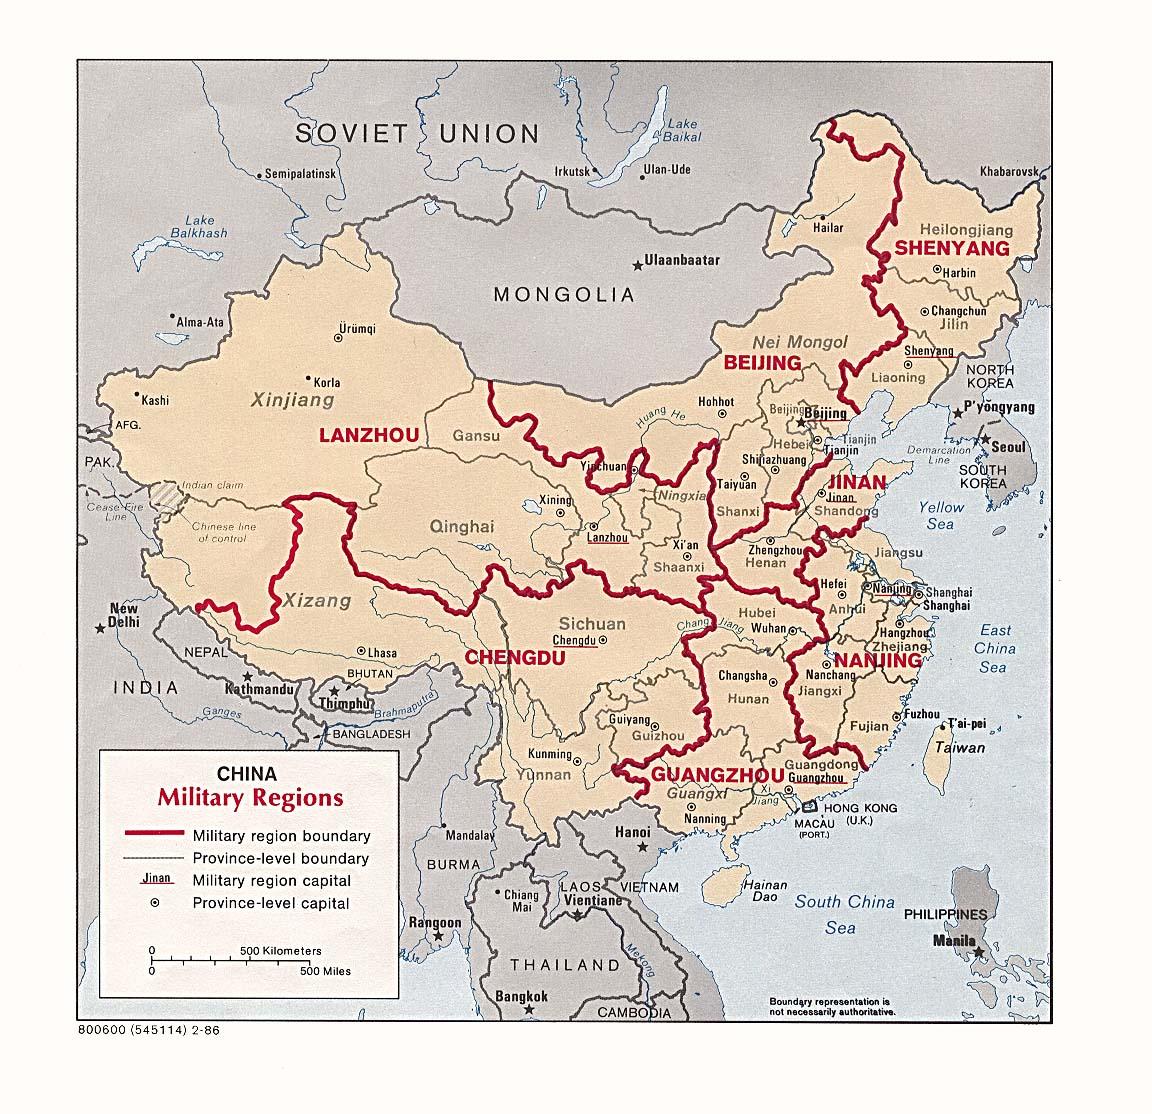 Mapa de las Regiones Militares de China